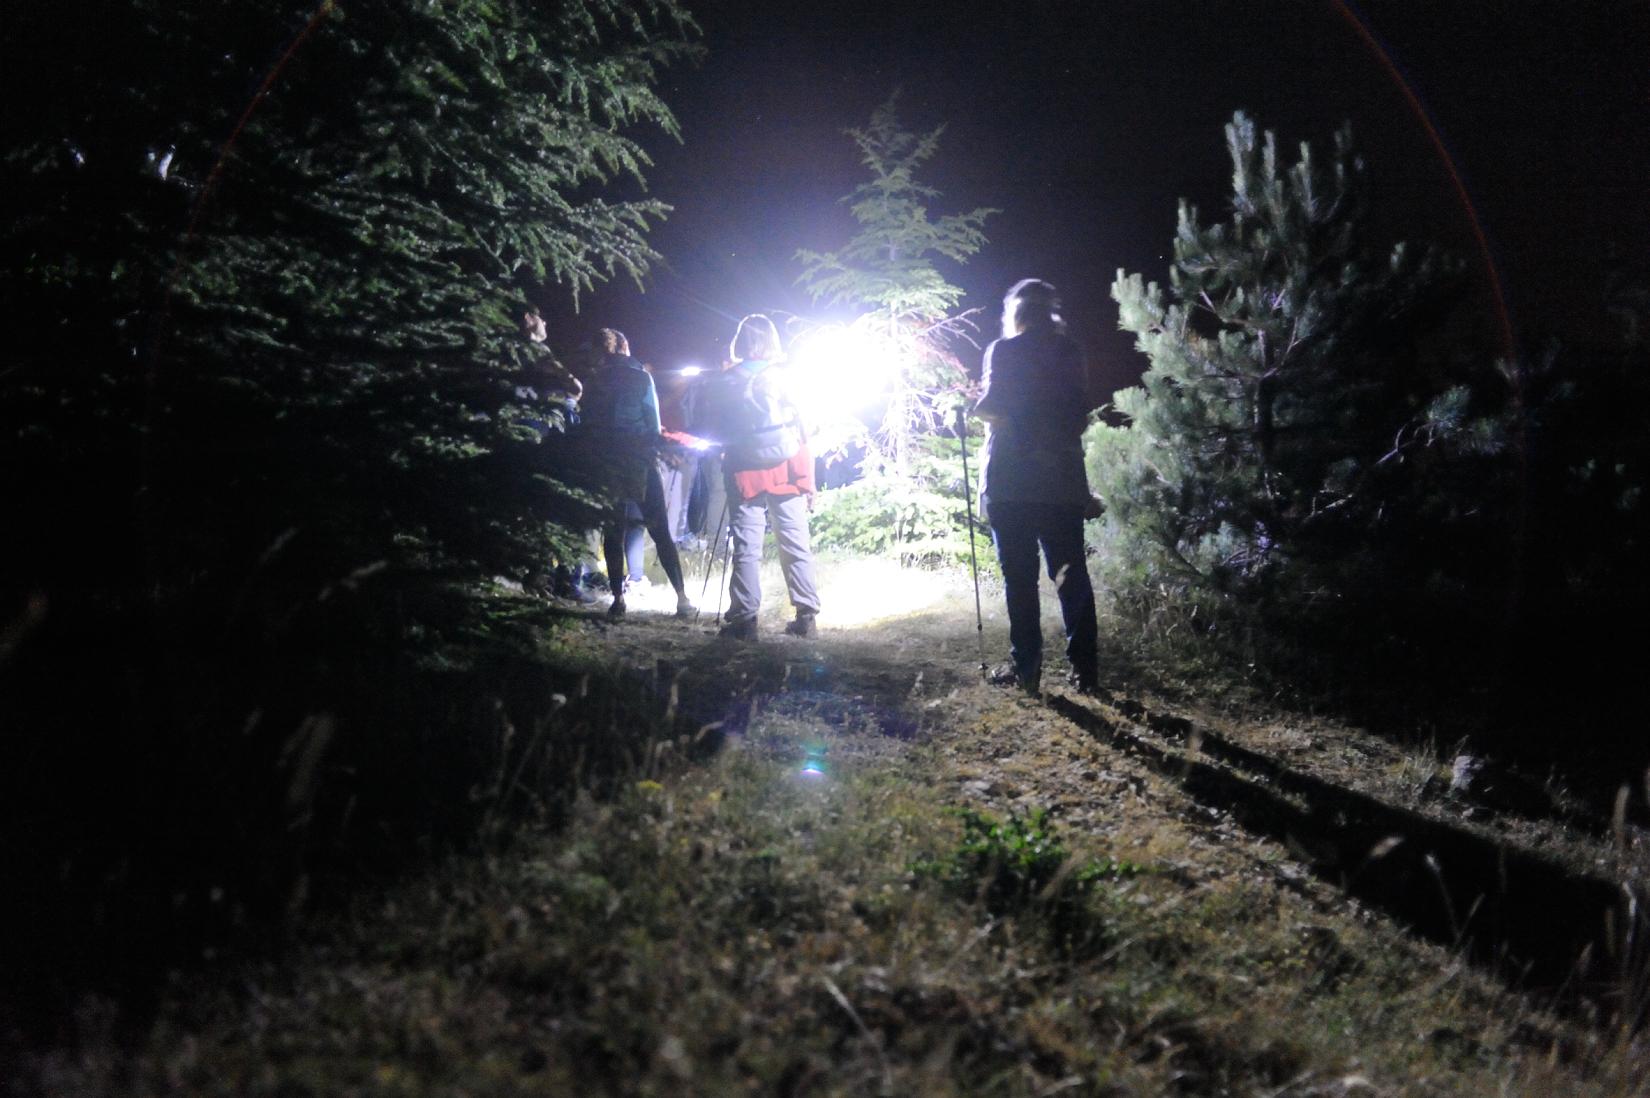 Escursione astronomica notturna sul Salviano